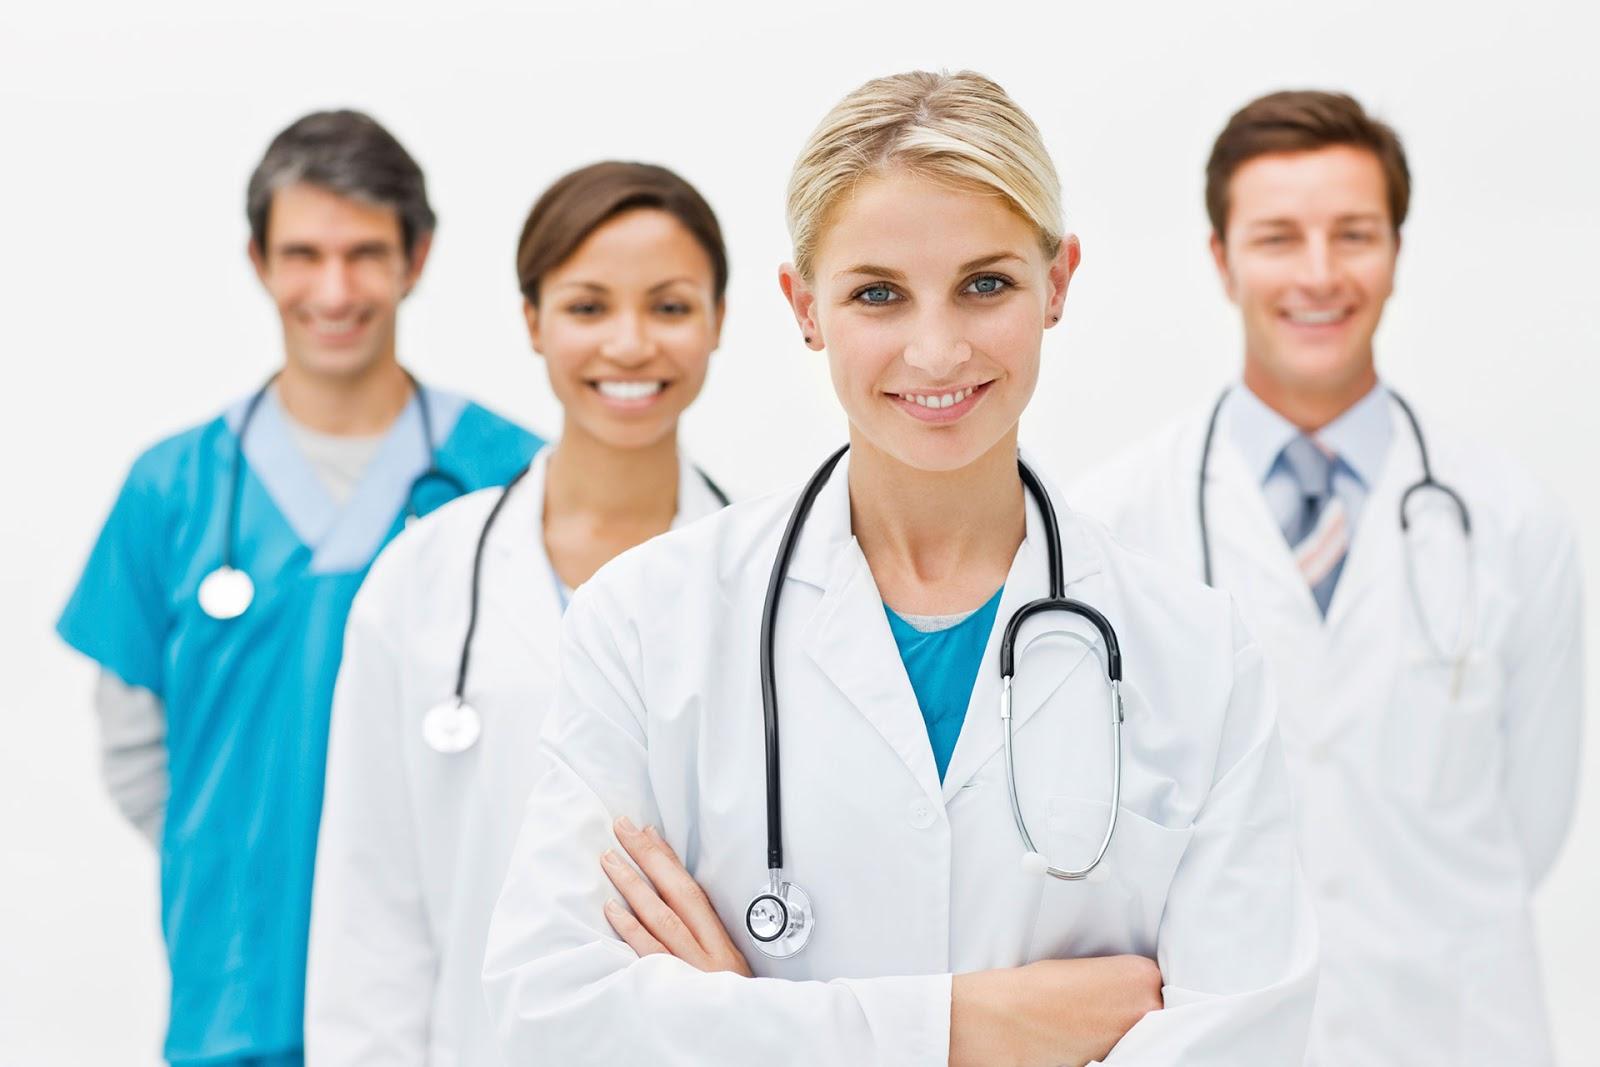 Học y sĩ đa khoa ra trường làm gì là băn khoăn của rất nhiều bạn trẻ khi chọn học ngành này ?